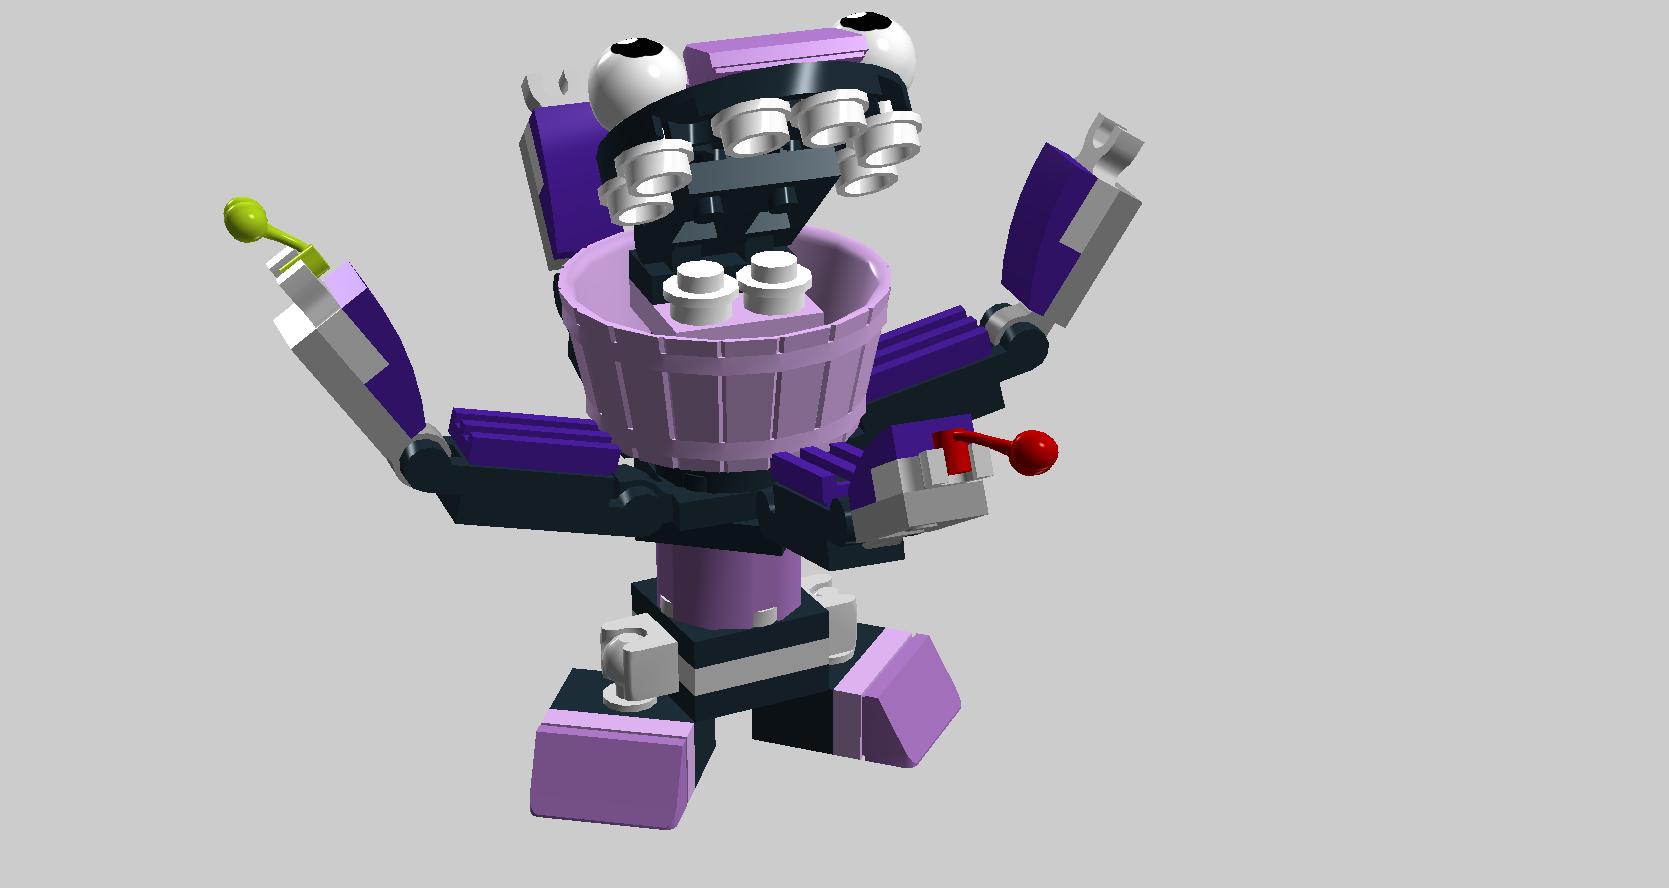 LEGO.com Mixels Explore - Characters - Munchos - Berp